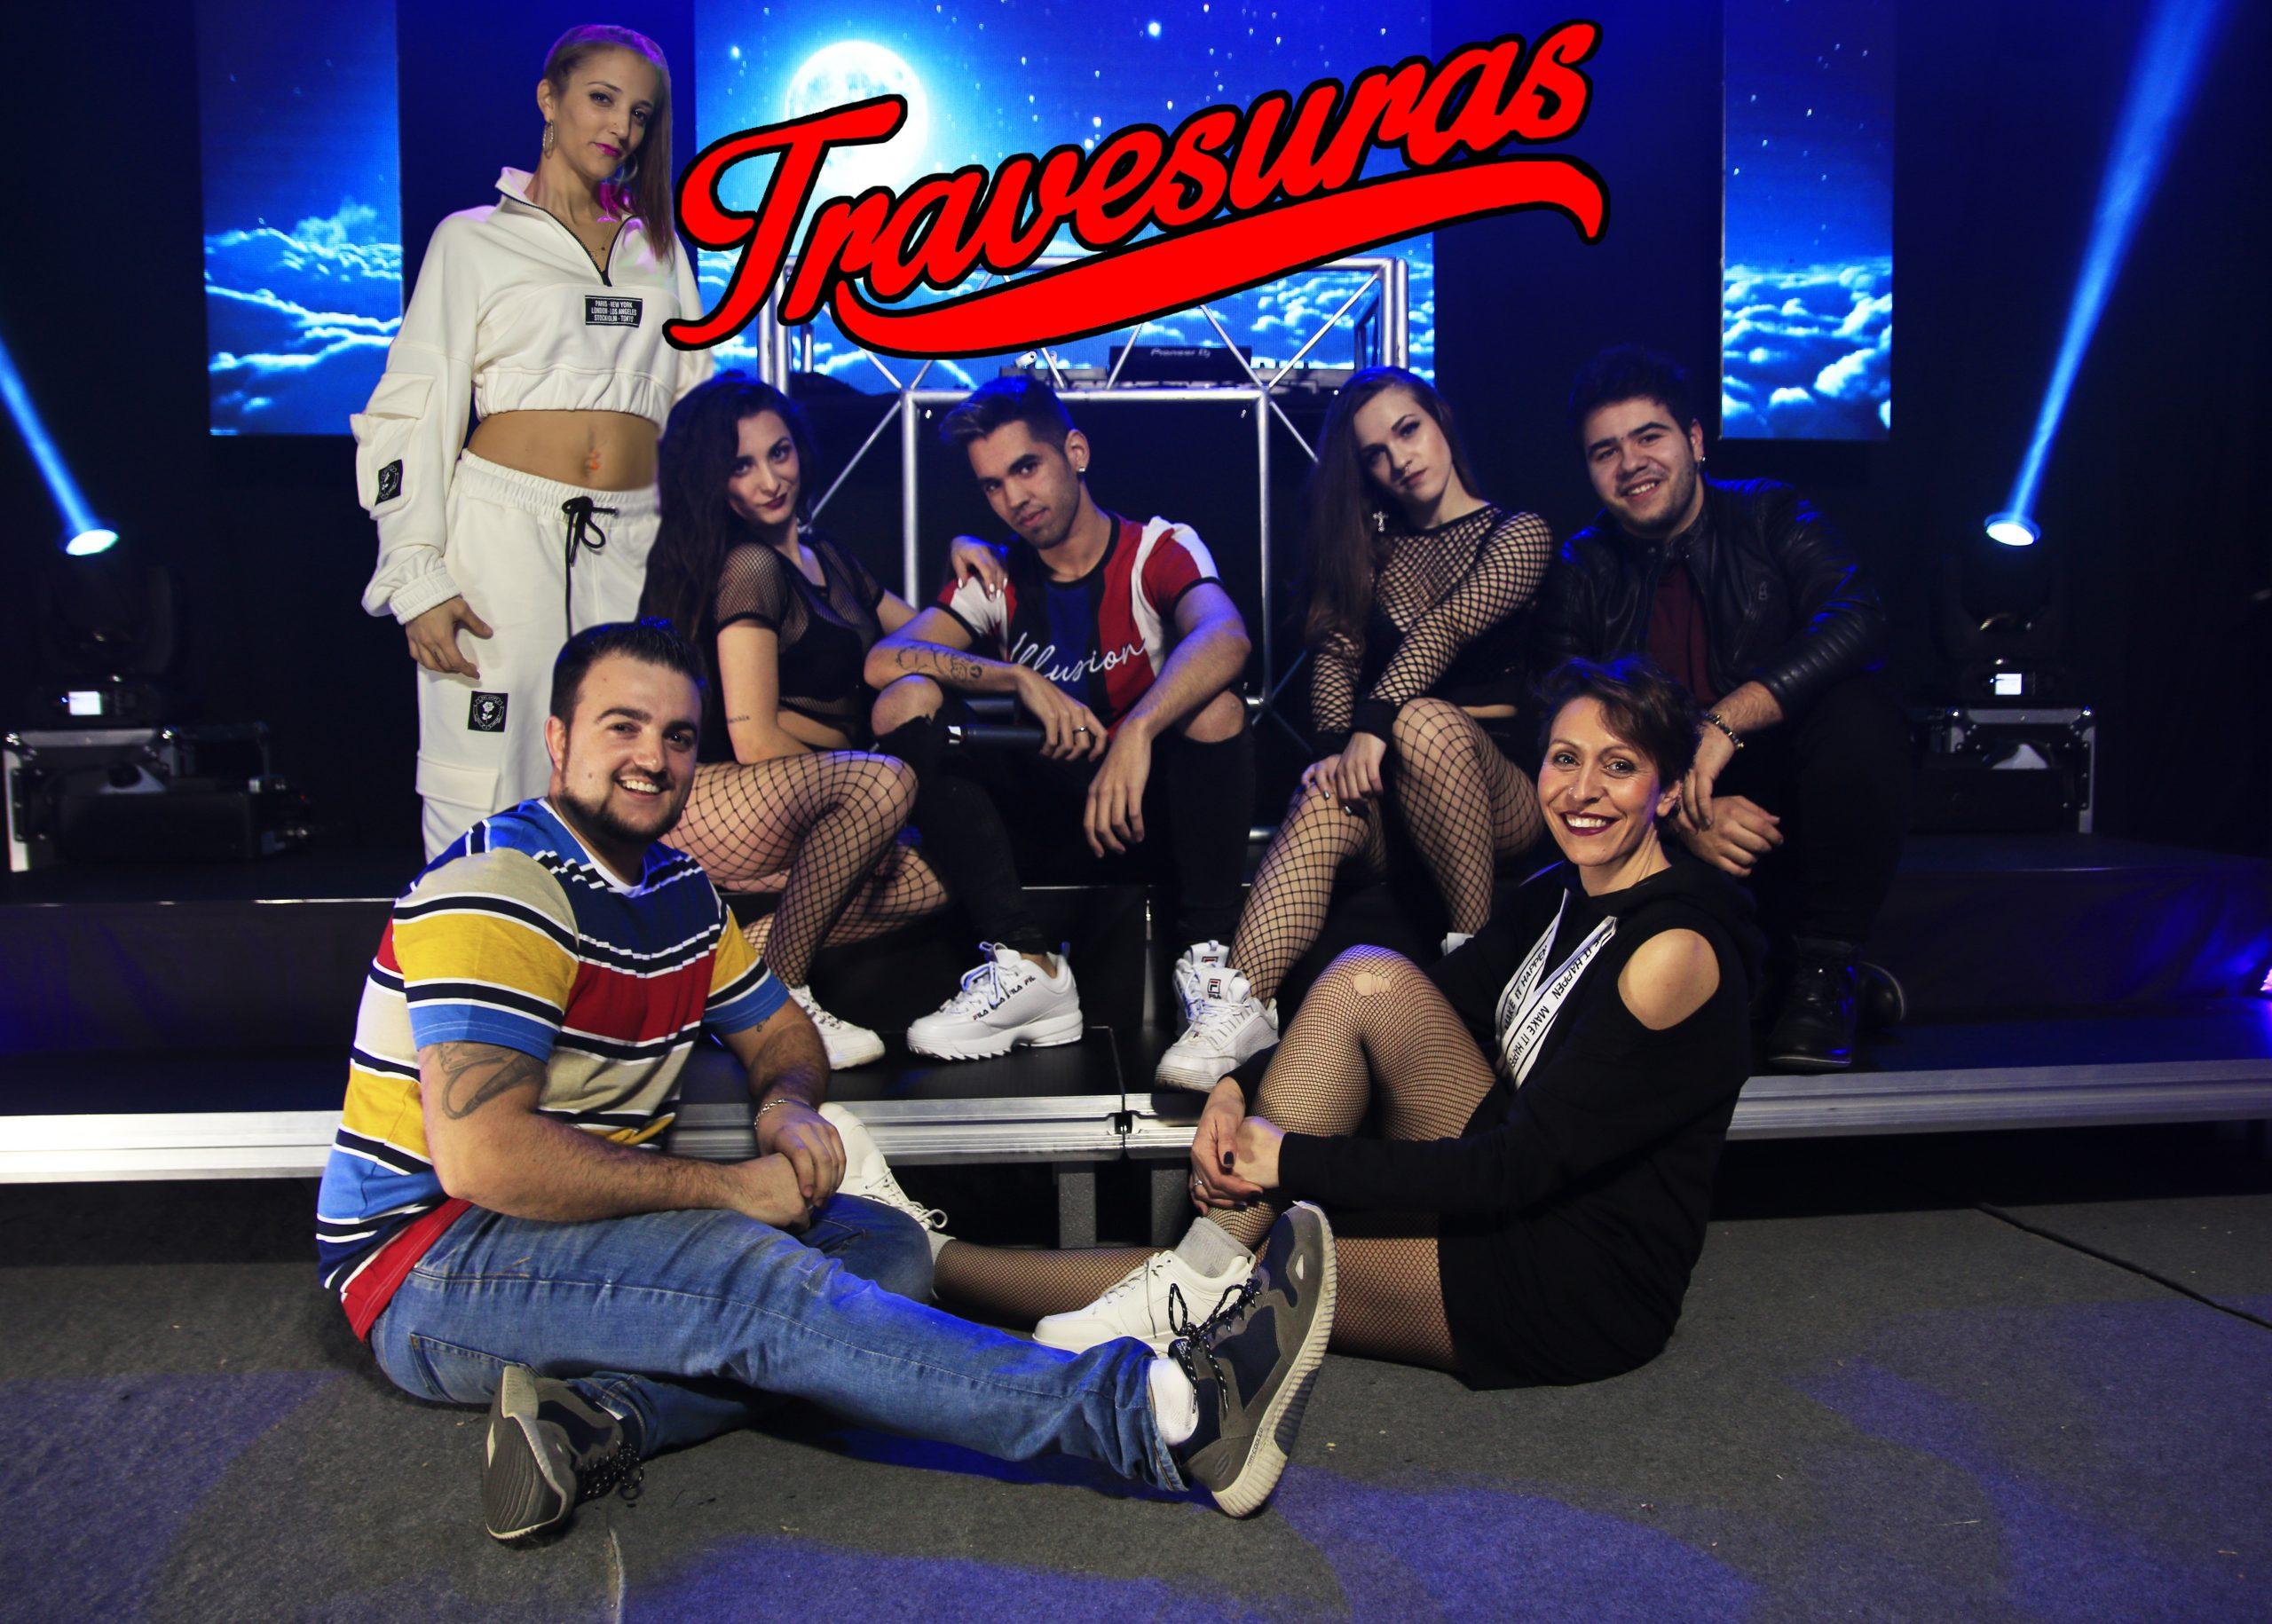 Travesuras Disco Show